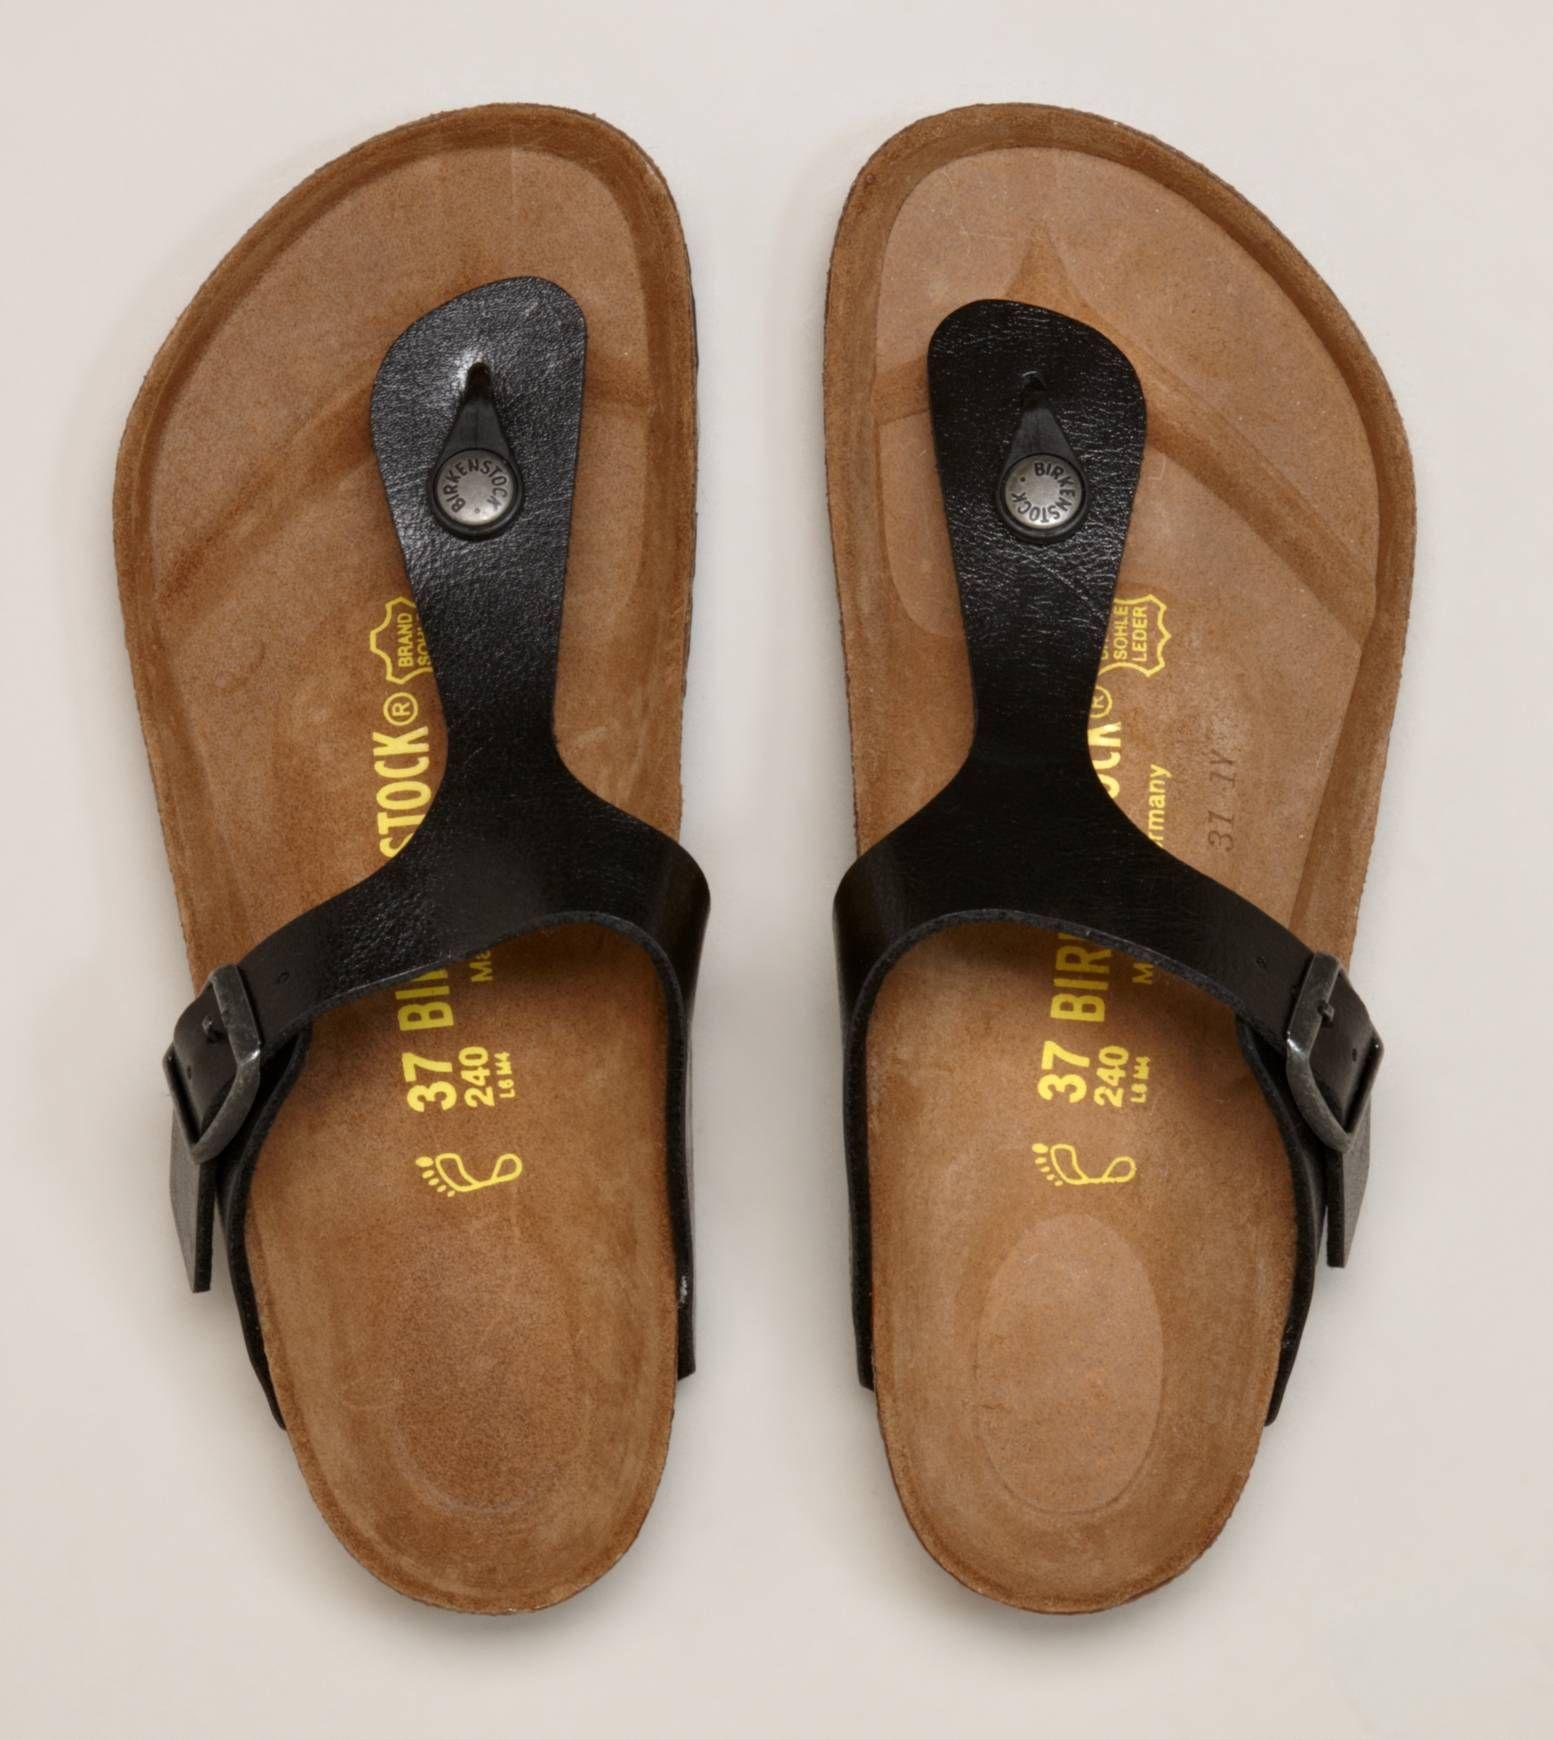 Birkenstock sandals, Shoes, Cute shoes